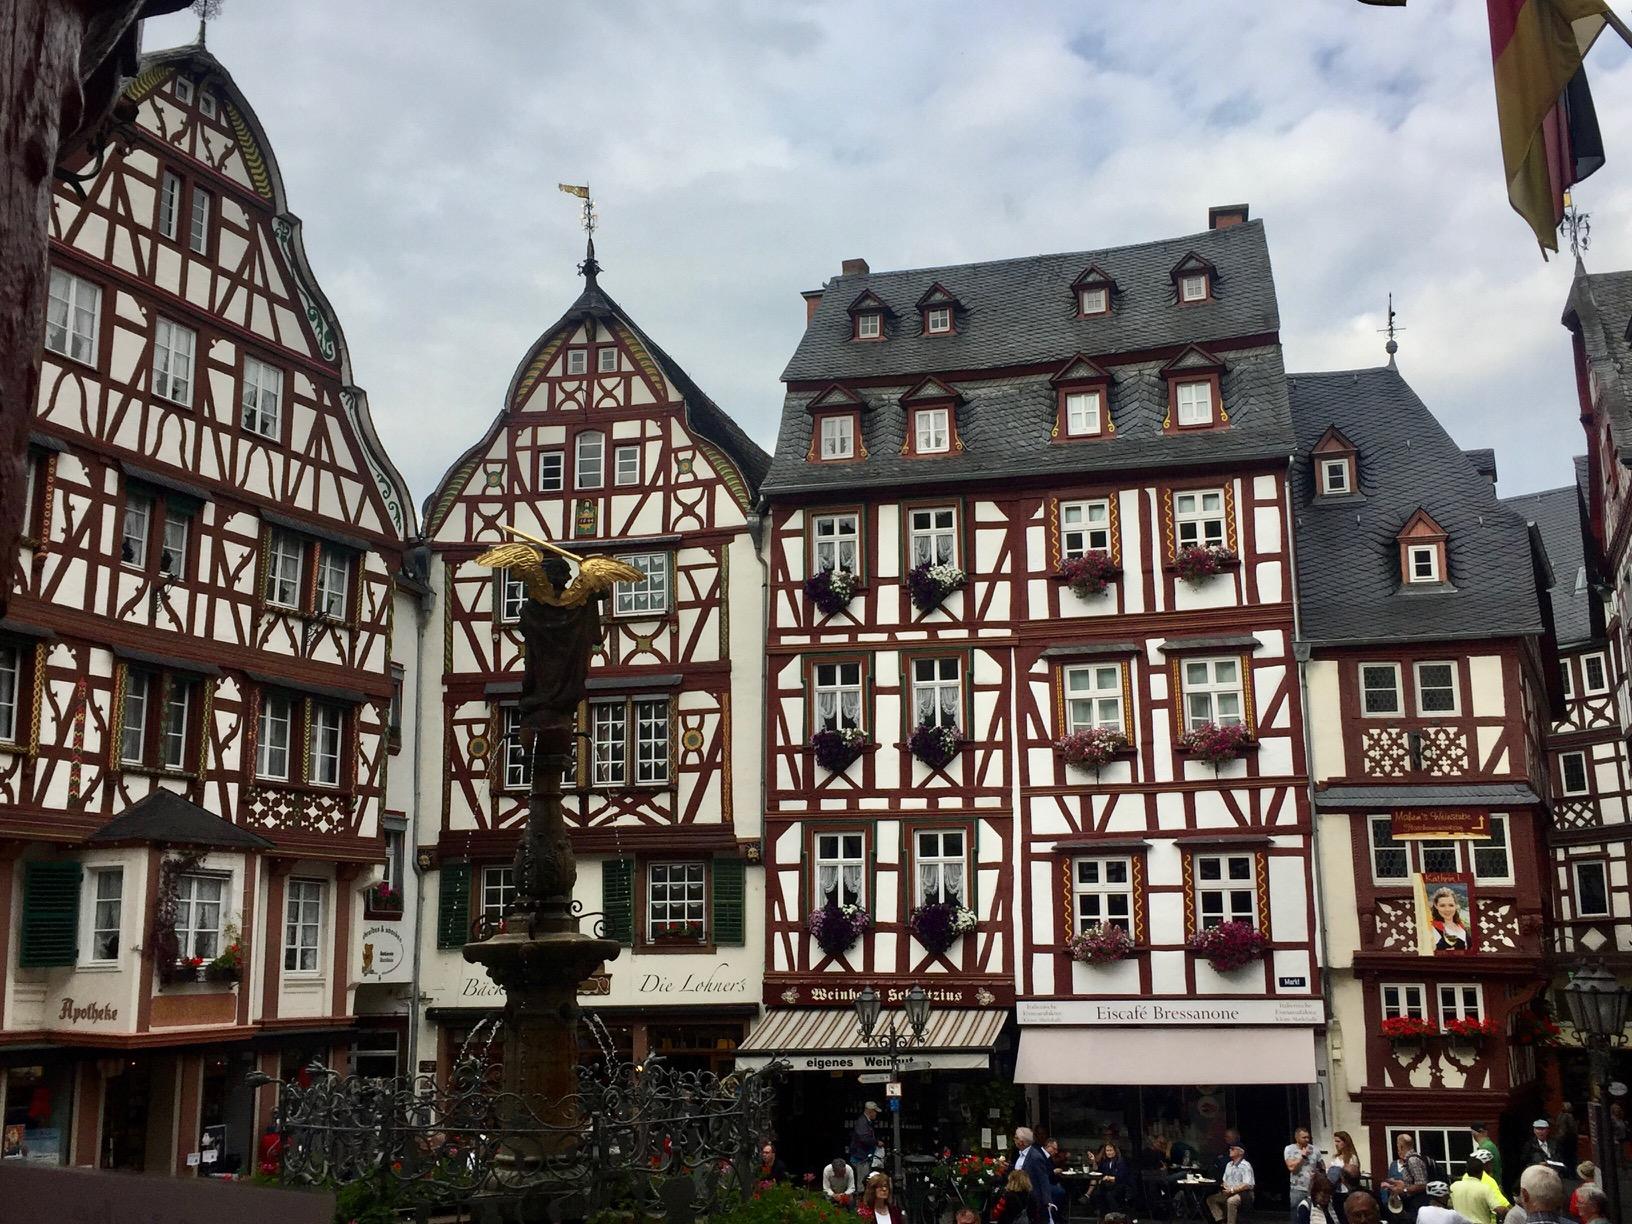 Marktplatz von Bernkastel